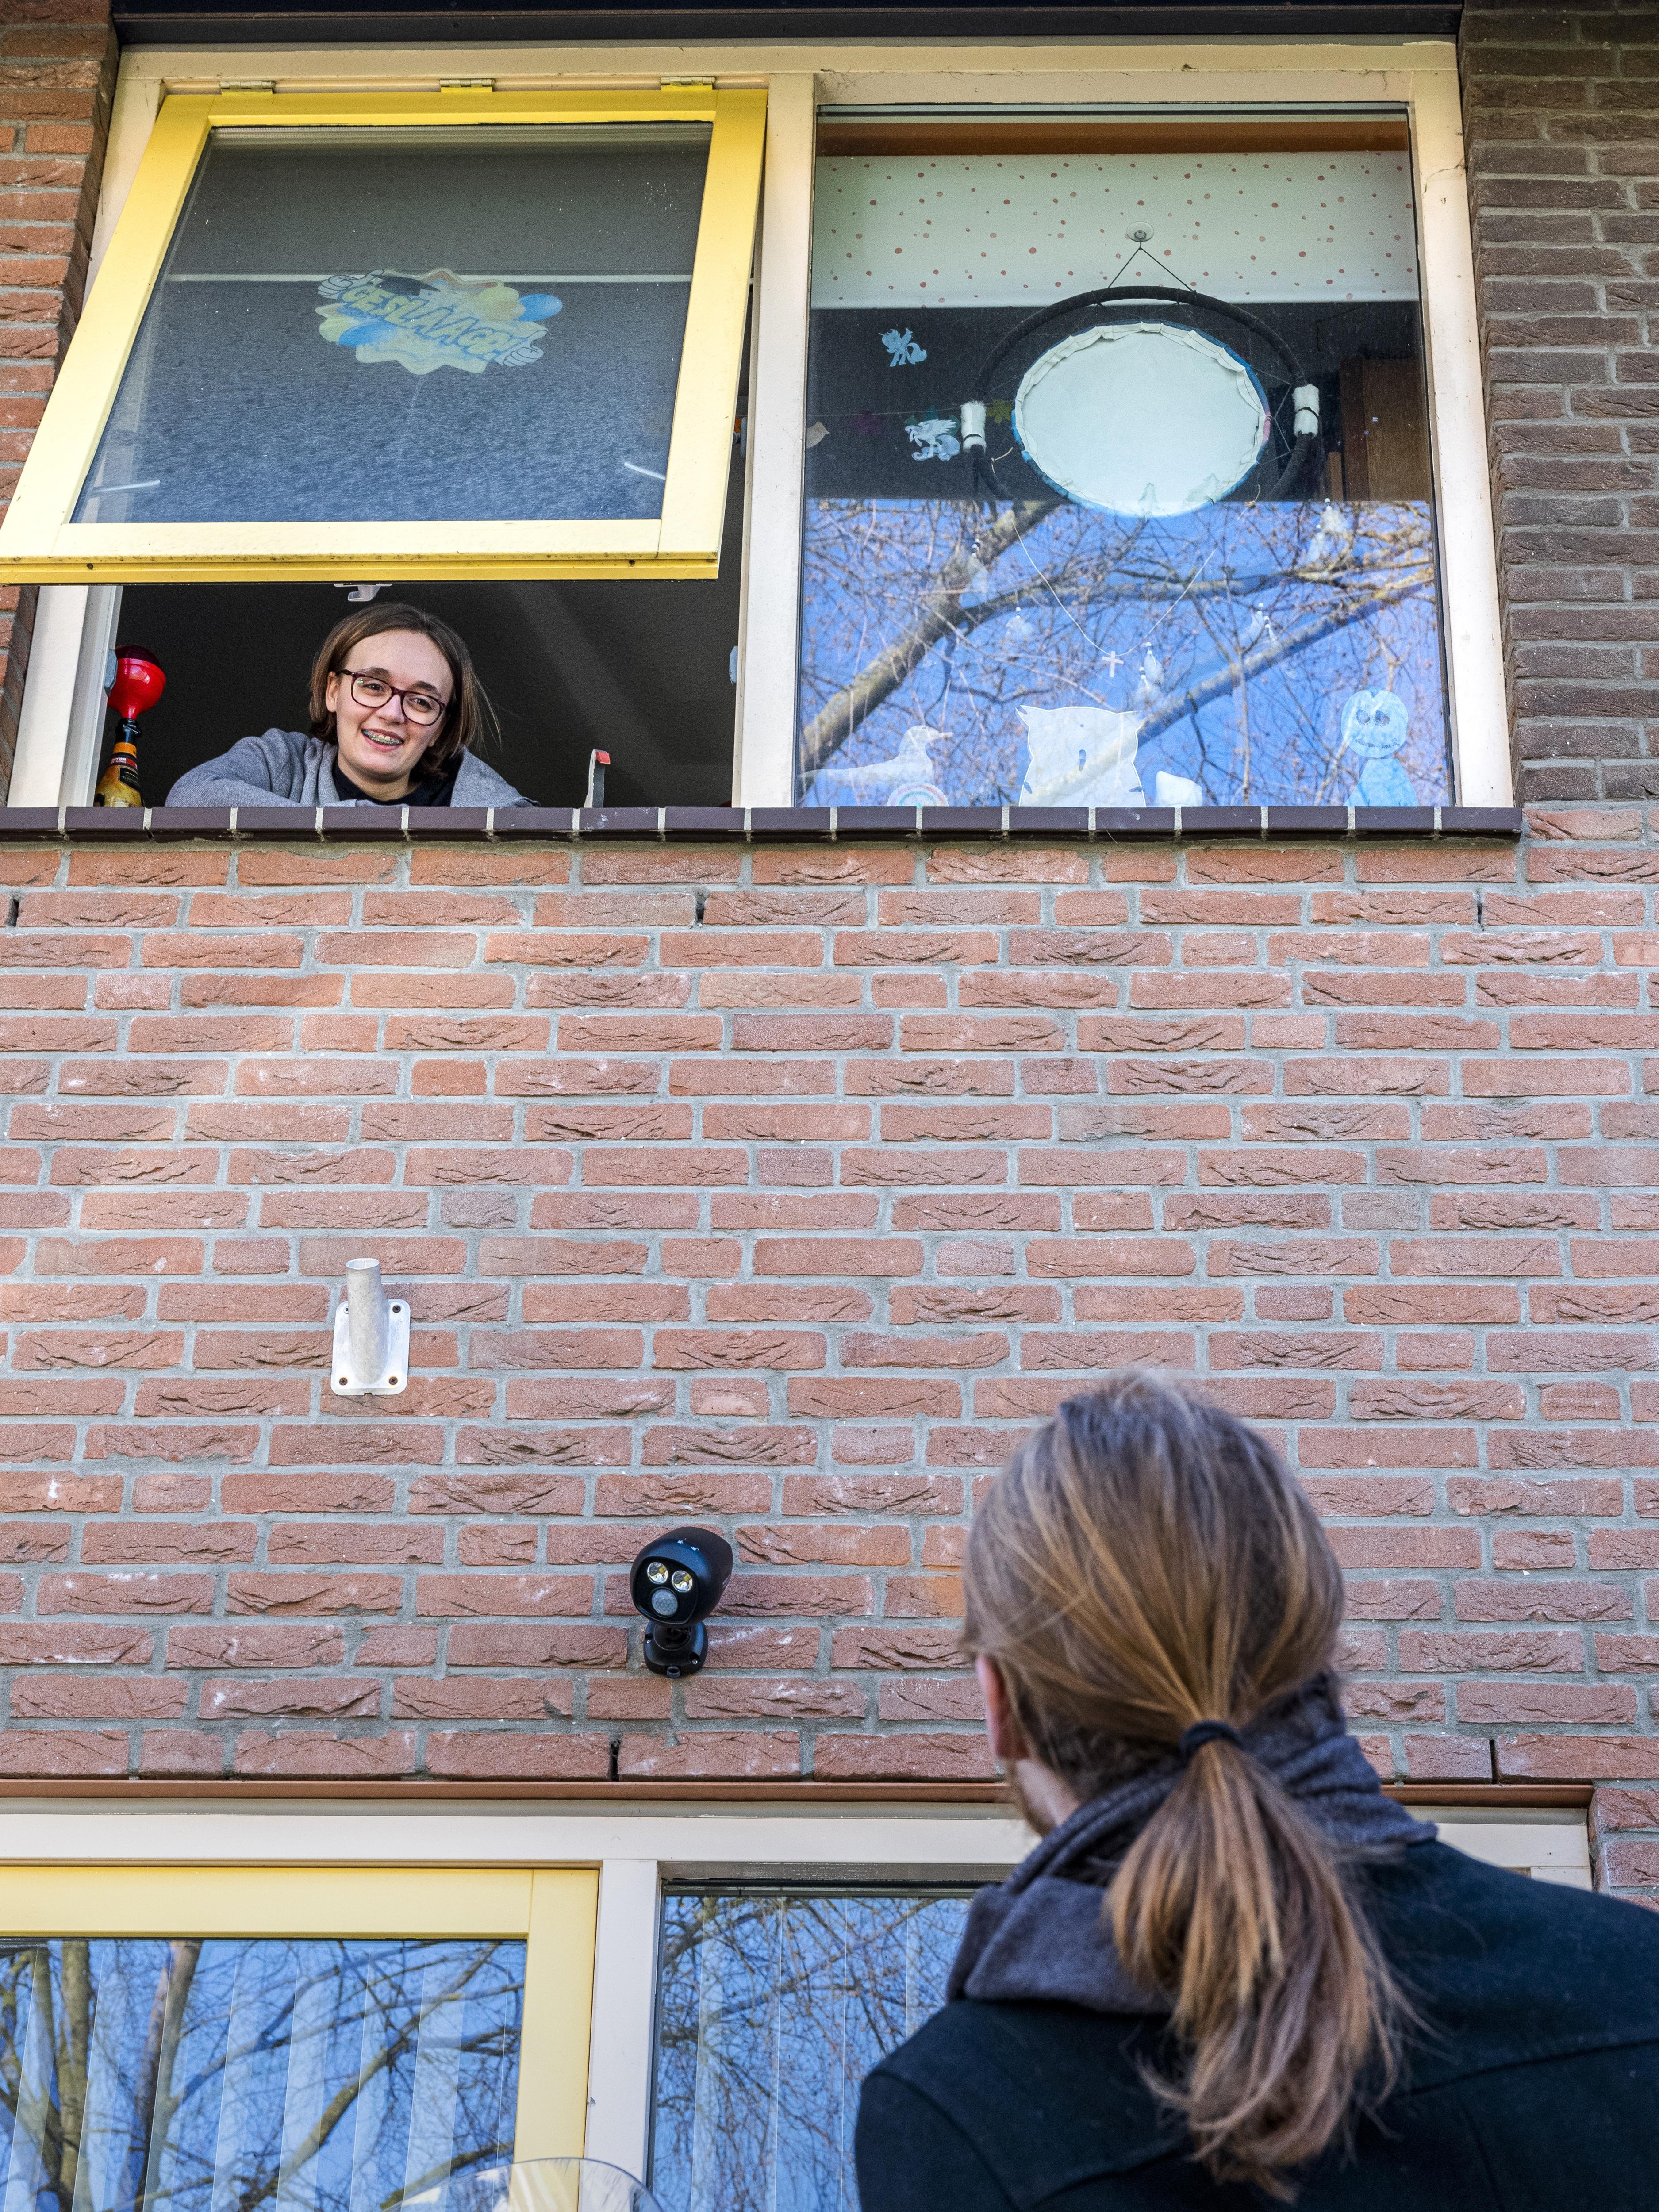 Woerden, 24-03-2020. Liam Warmels brengt een bezoekje aan zijn vriendin Fabienne de Vries die in thuis-quarantaine zit. Beiden zijn ze autistisch, ze vertellen hoe dat is in coronatijd. Foto Joost Hoving